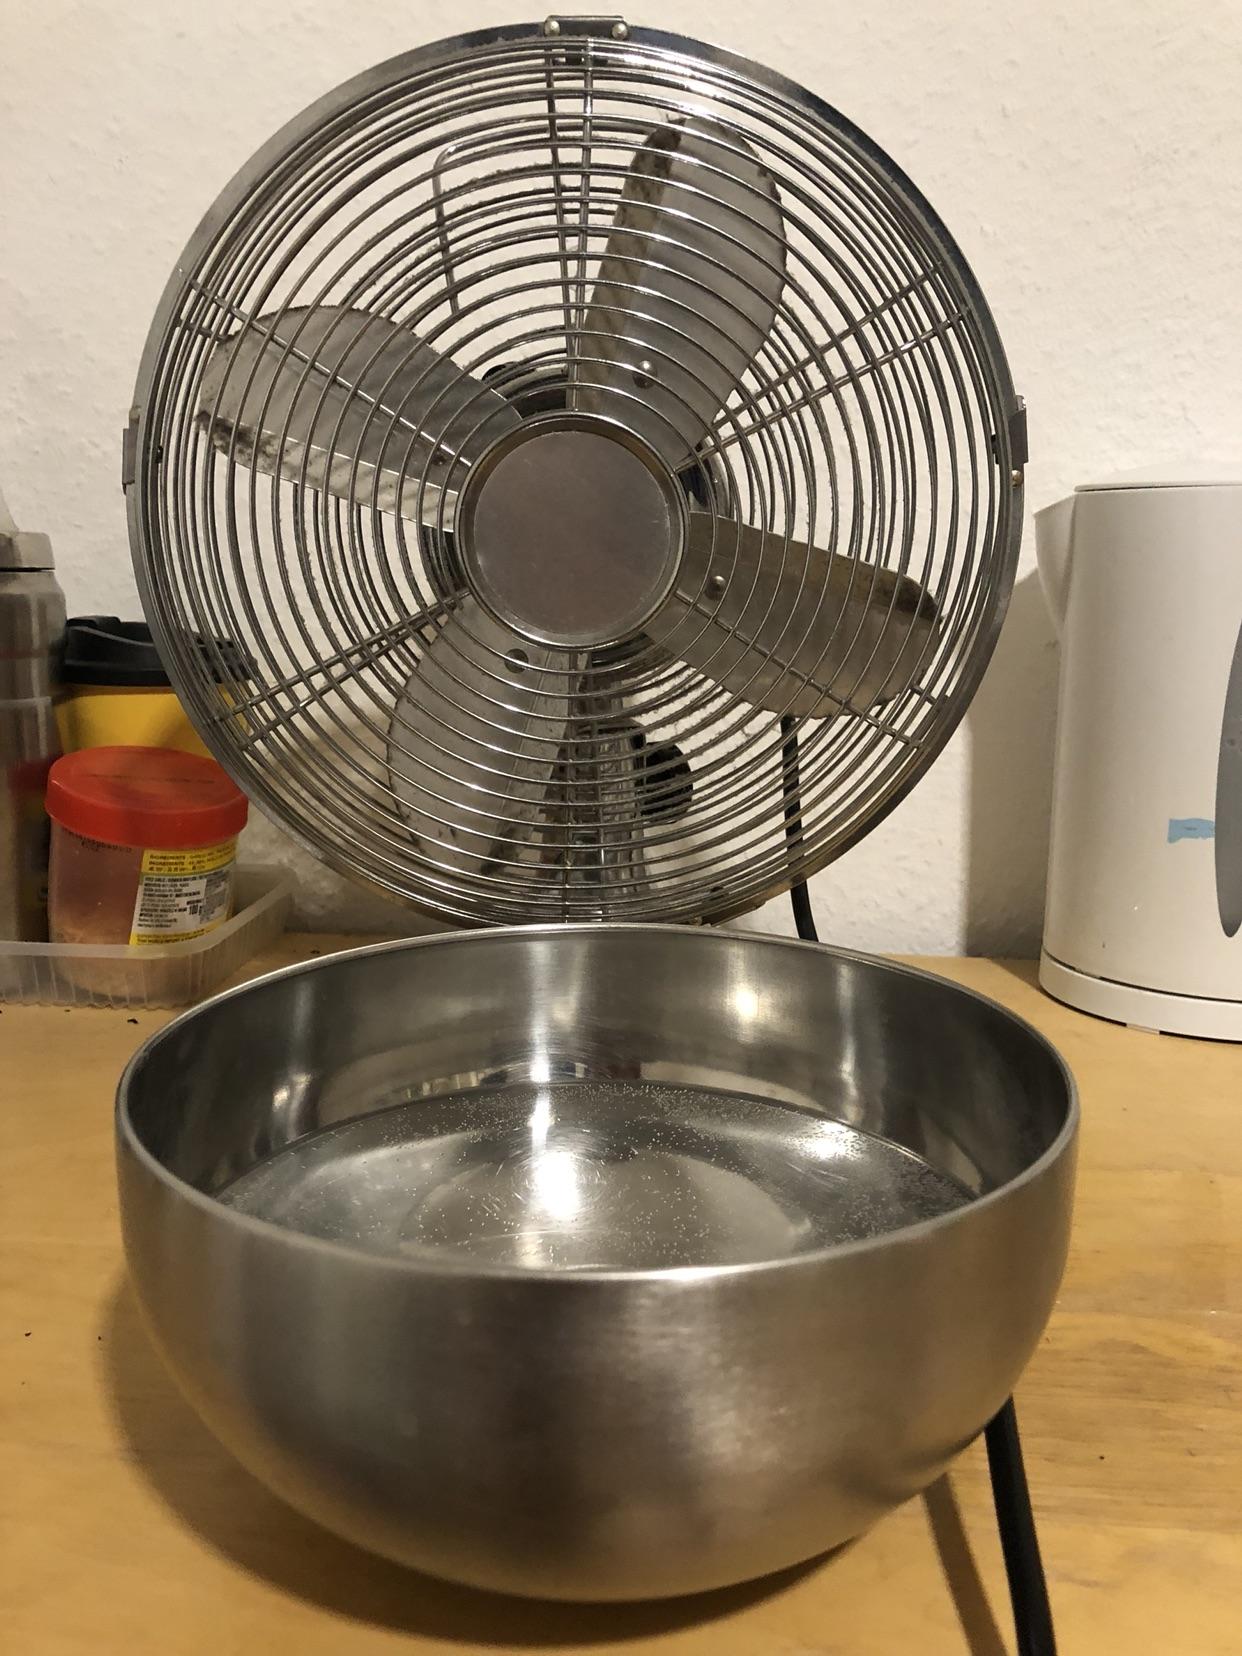 养生解暑大法!简单凉快+好喝!